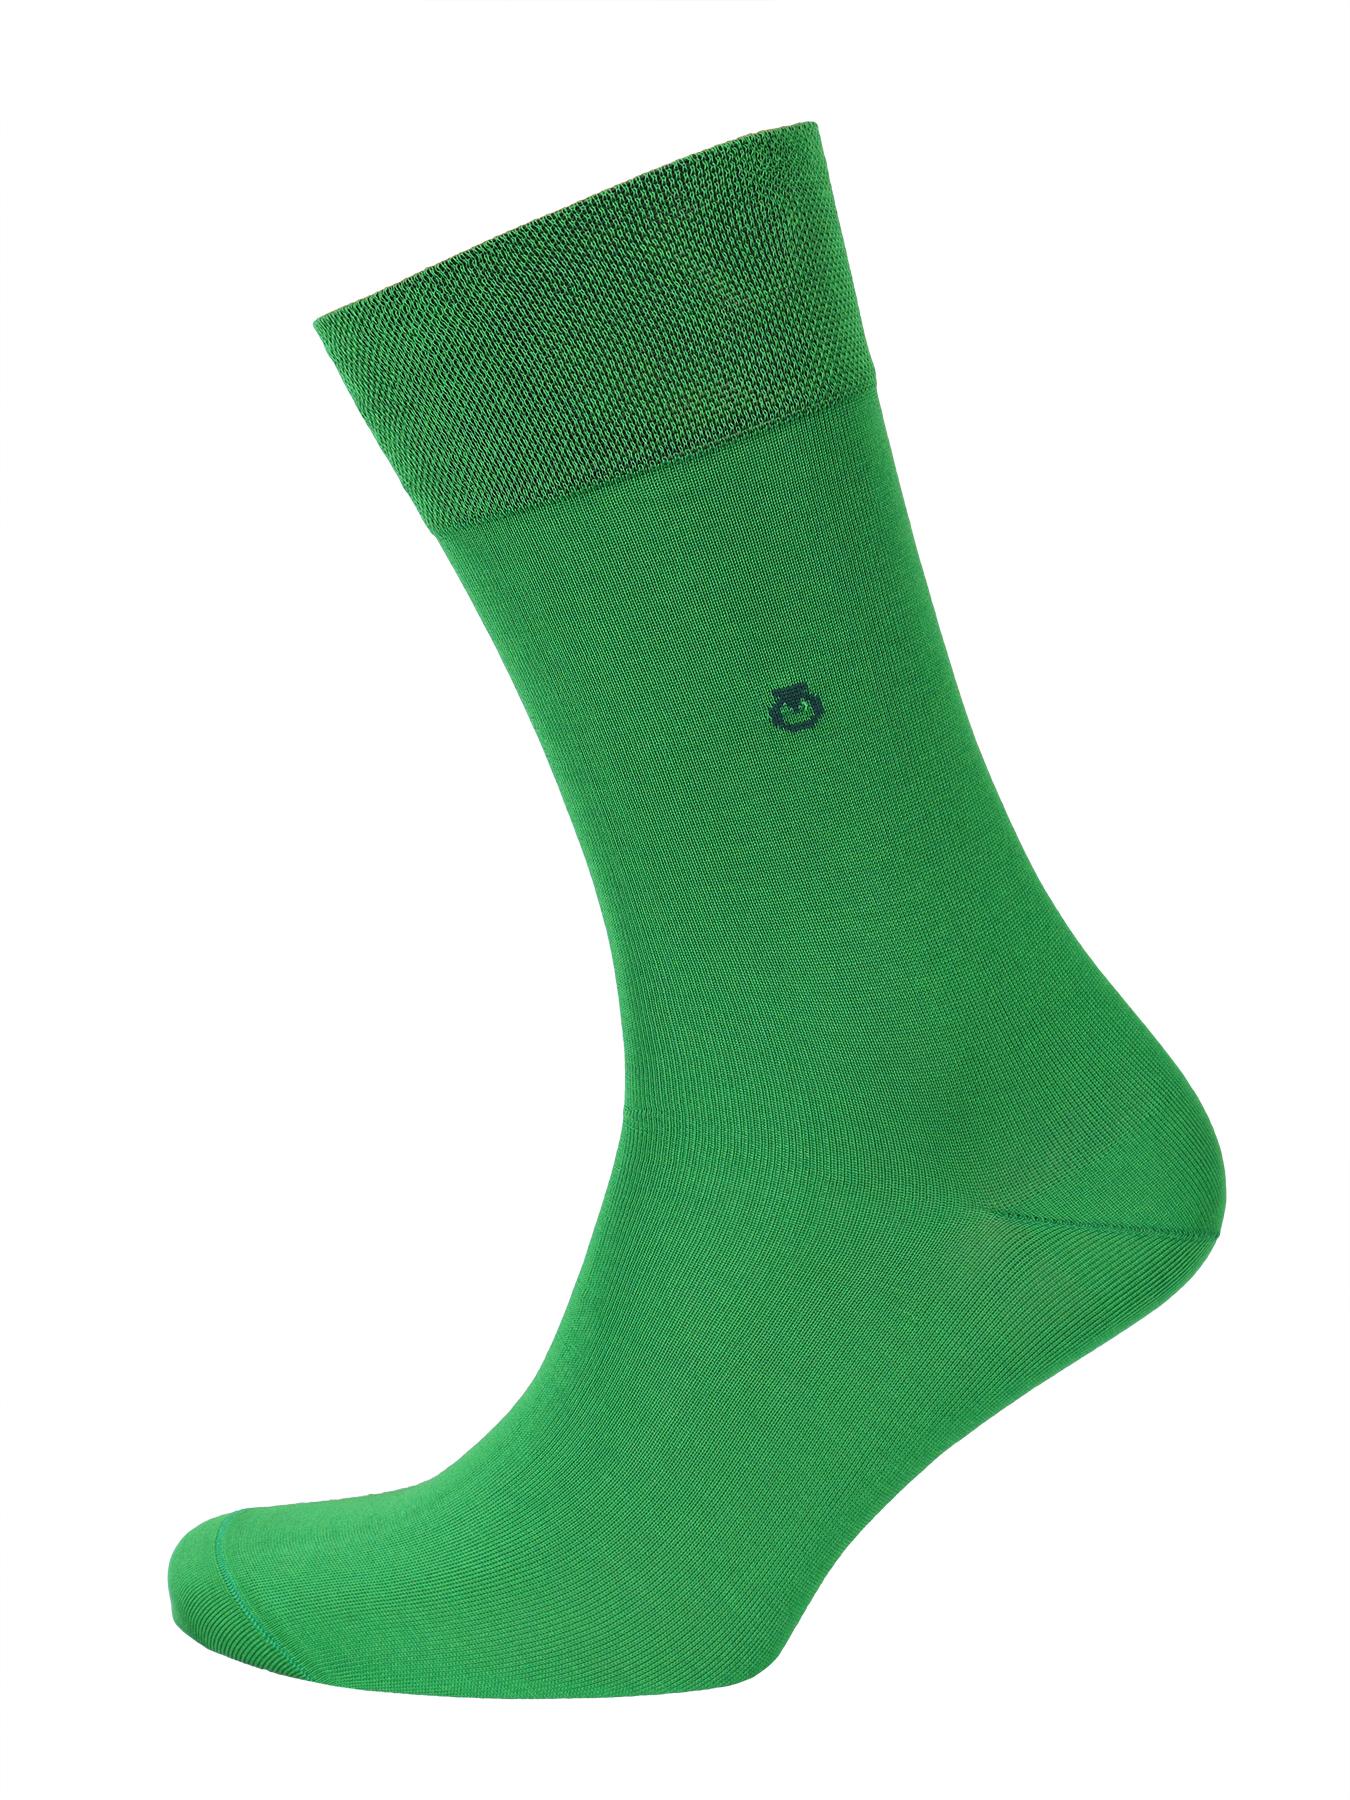 Мужские носки Opium Premium зеленый